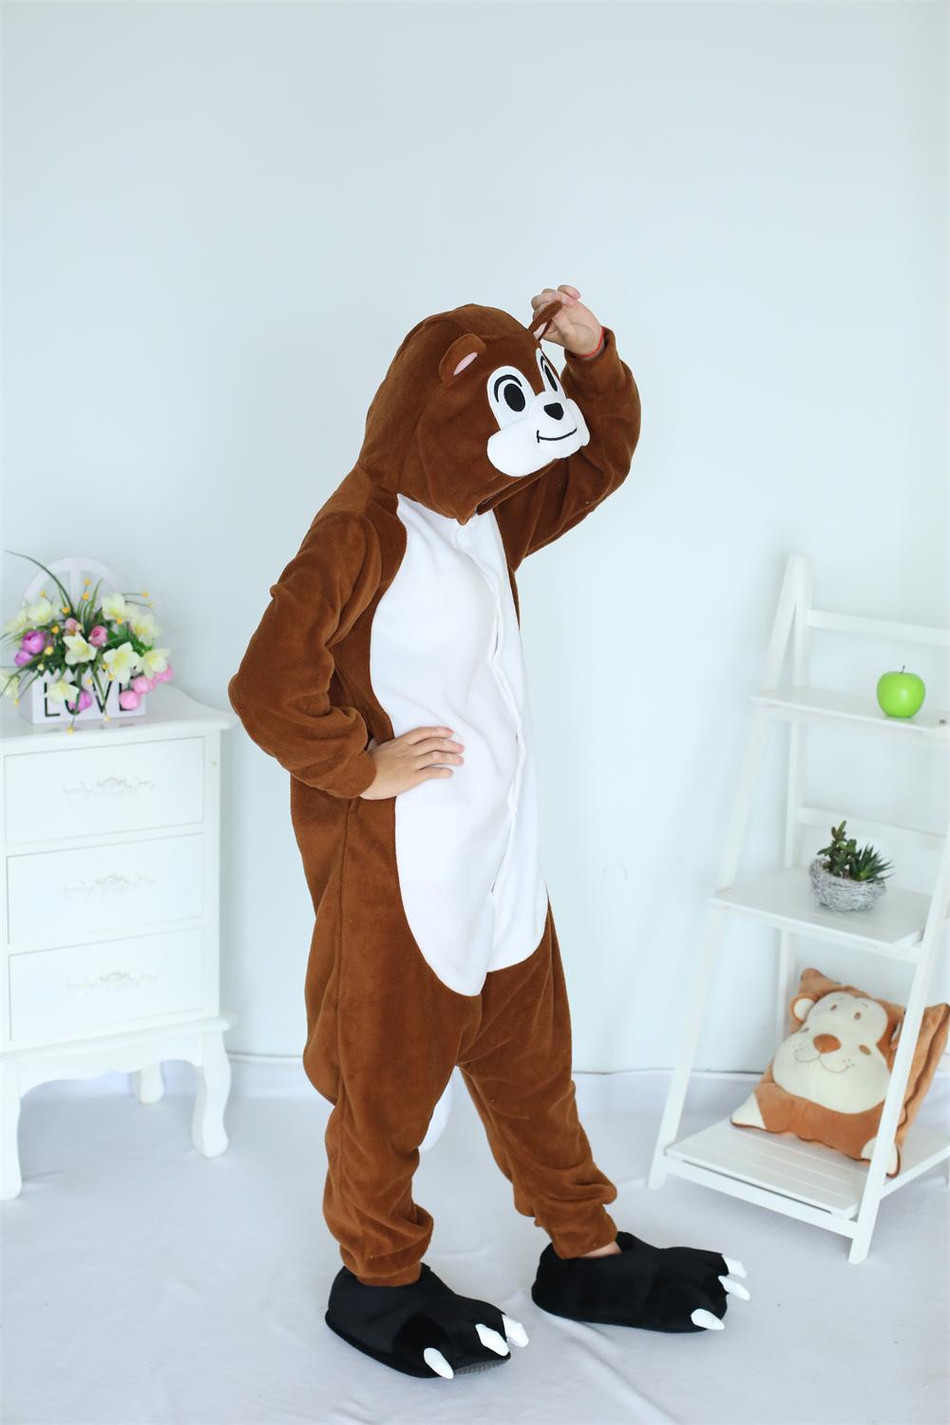 Cartoon Unisex Animal Adult Chipmunk Onesie Pajamas Sleepsuit Sleepwear Anime Cosplay Costume Unisex Fashion